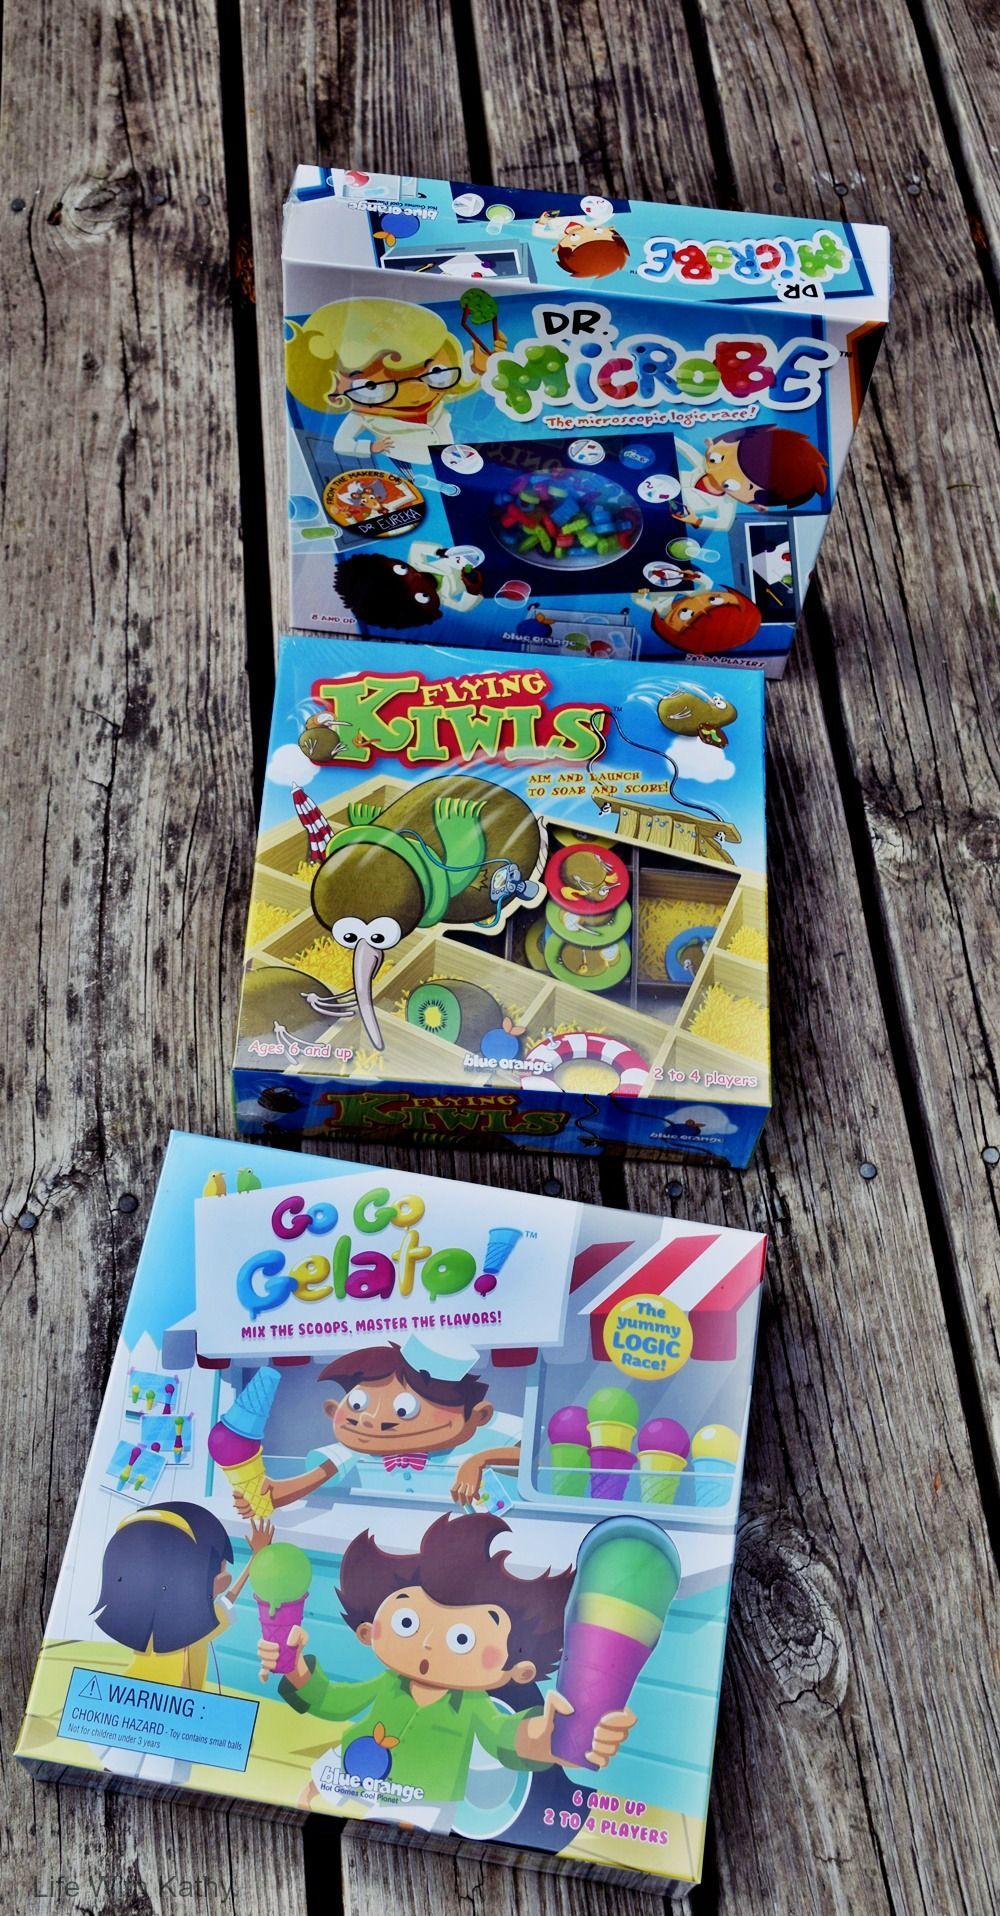 Family Fun With Blue Orange Games Orange games, Family